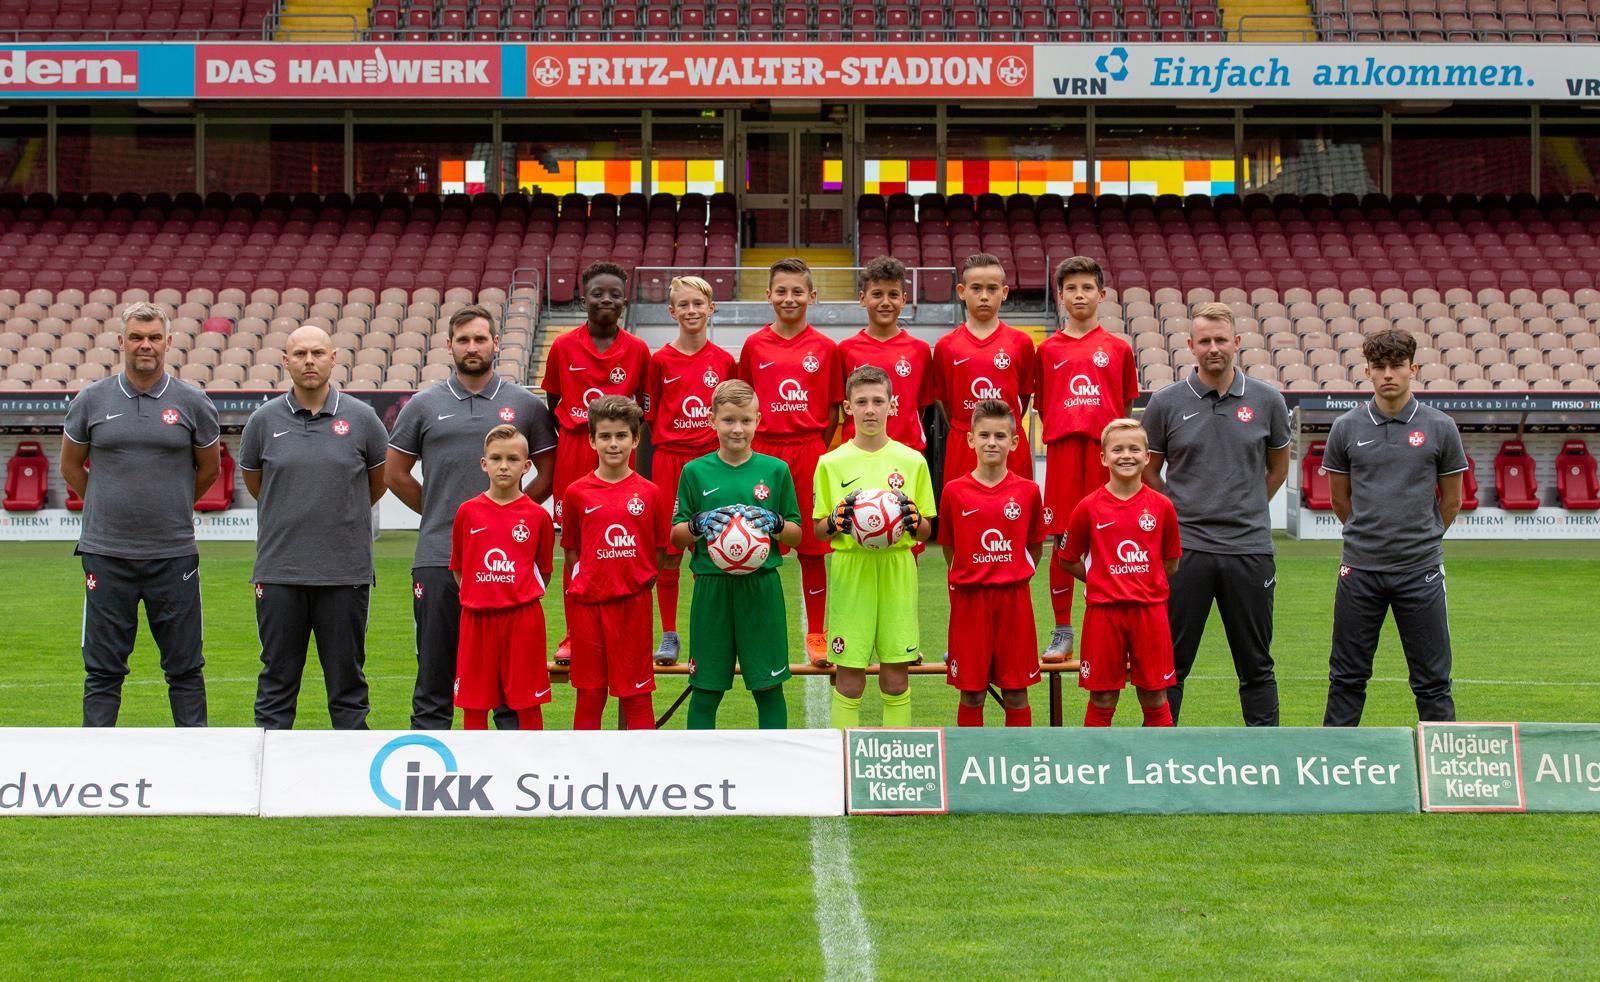 Mannschaftsfoto der FCK-U11 der Saison 2019/20